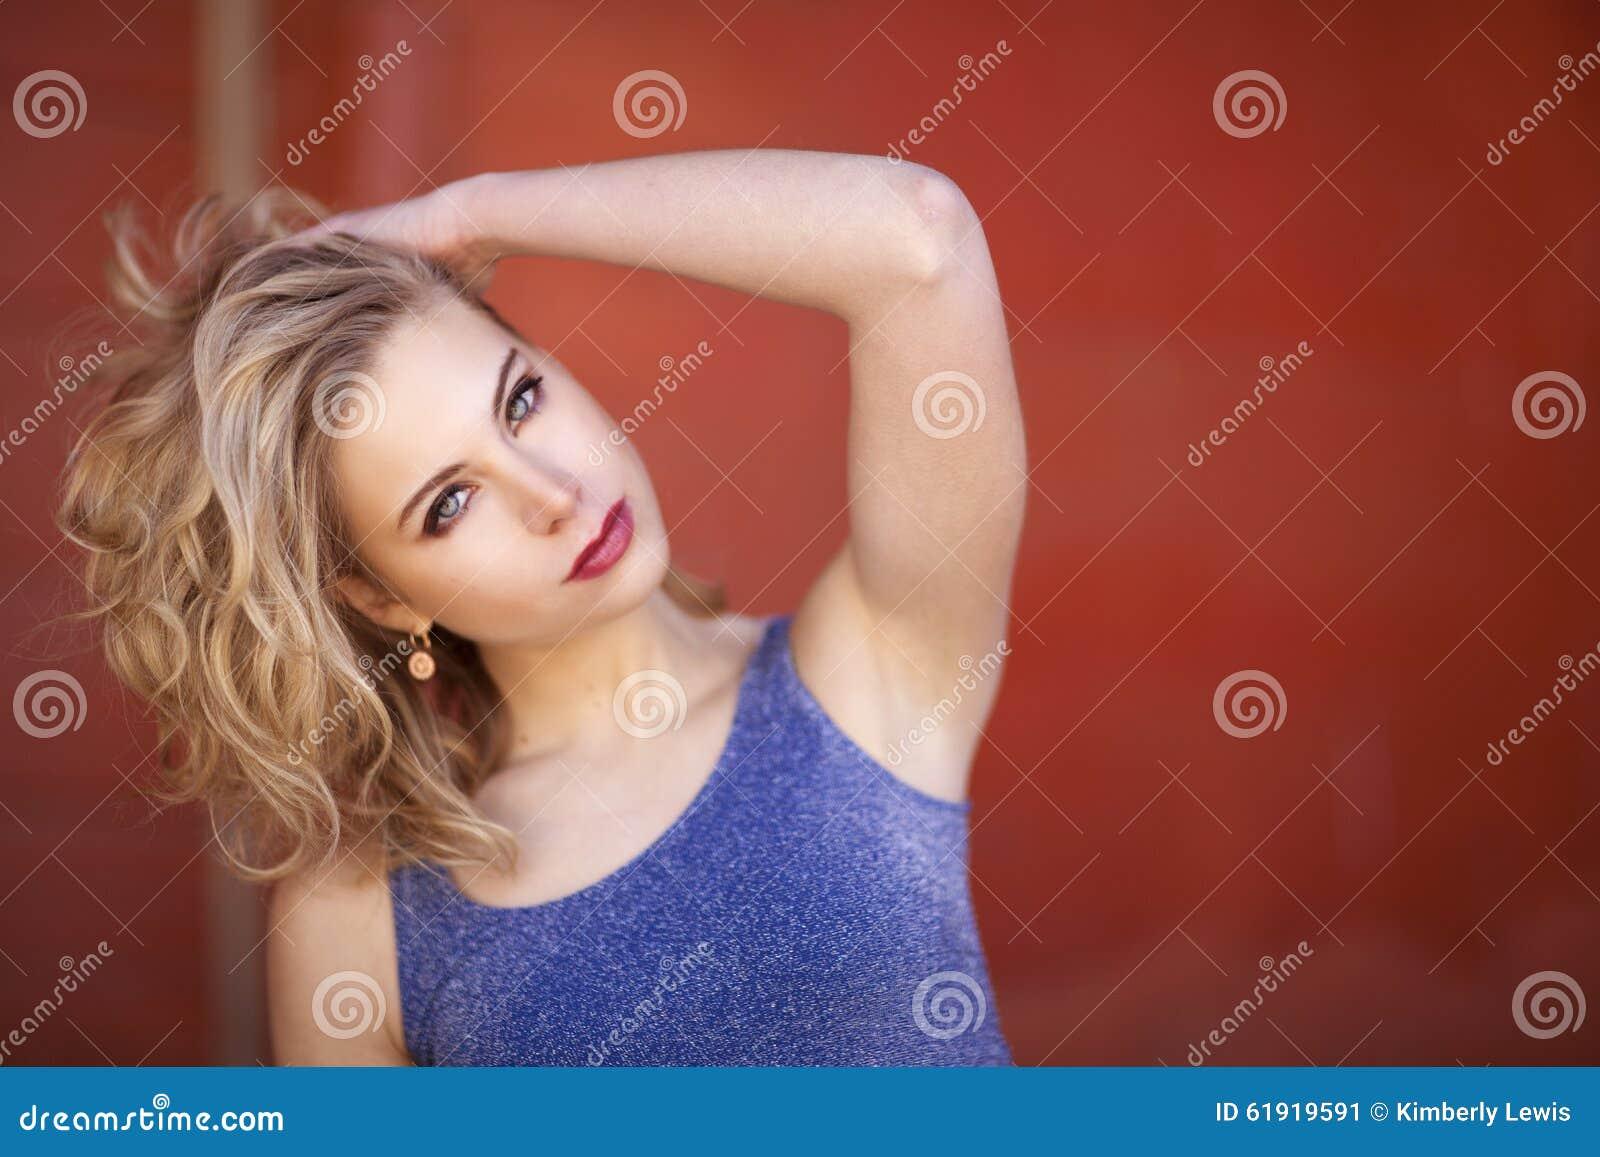 el azul hermosa rubia camisa de delante la mujer y con pared pelo rizado la  Una 5wI4vqxEx 2e5981960eee